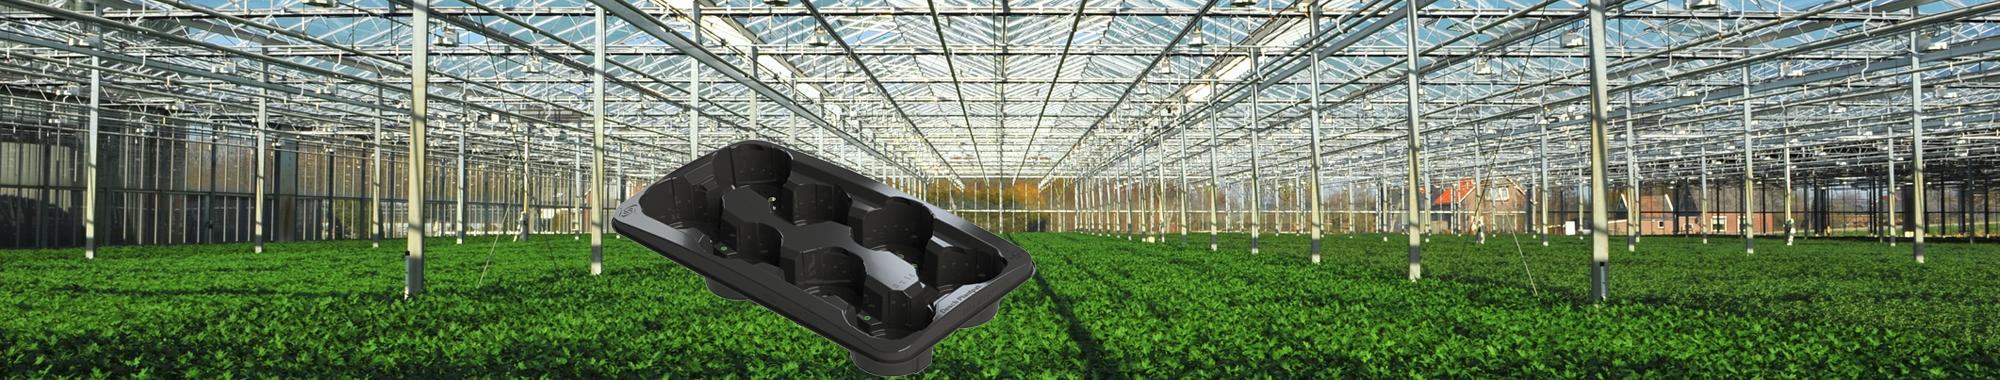 Header-tuinbouw-plantentray-2000x380px